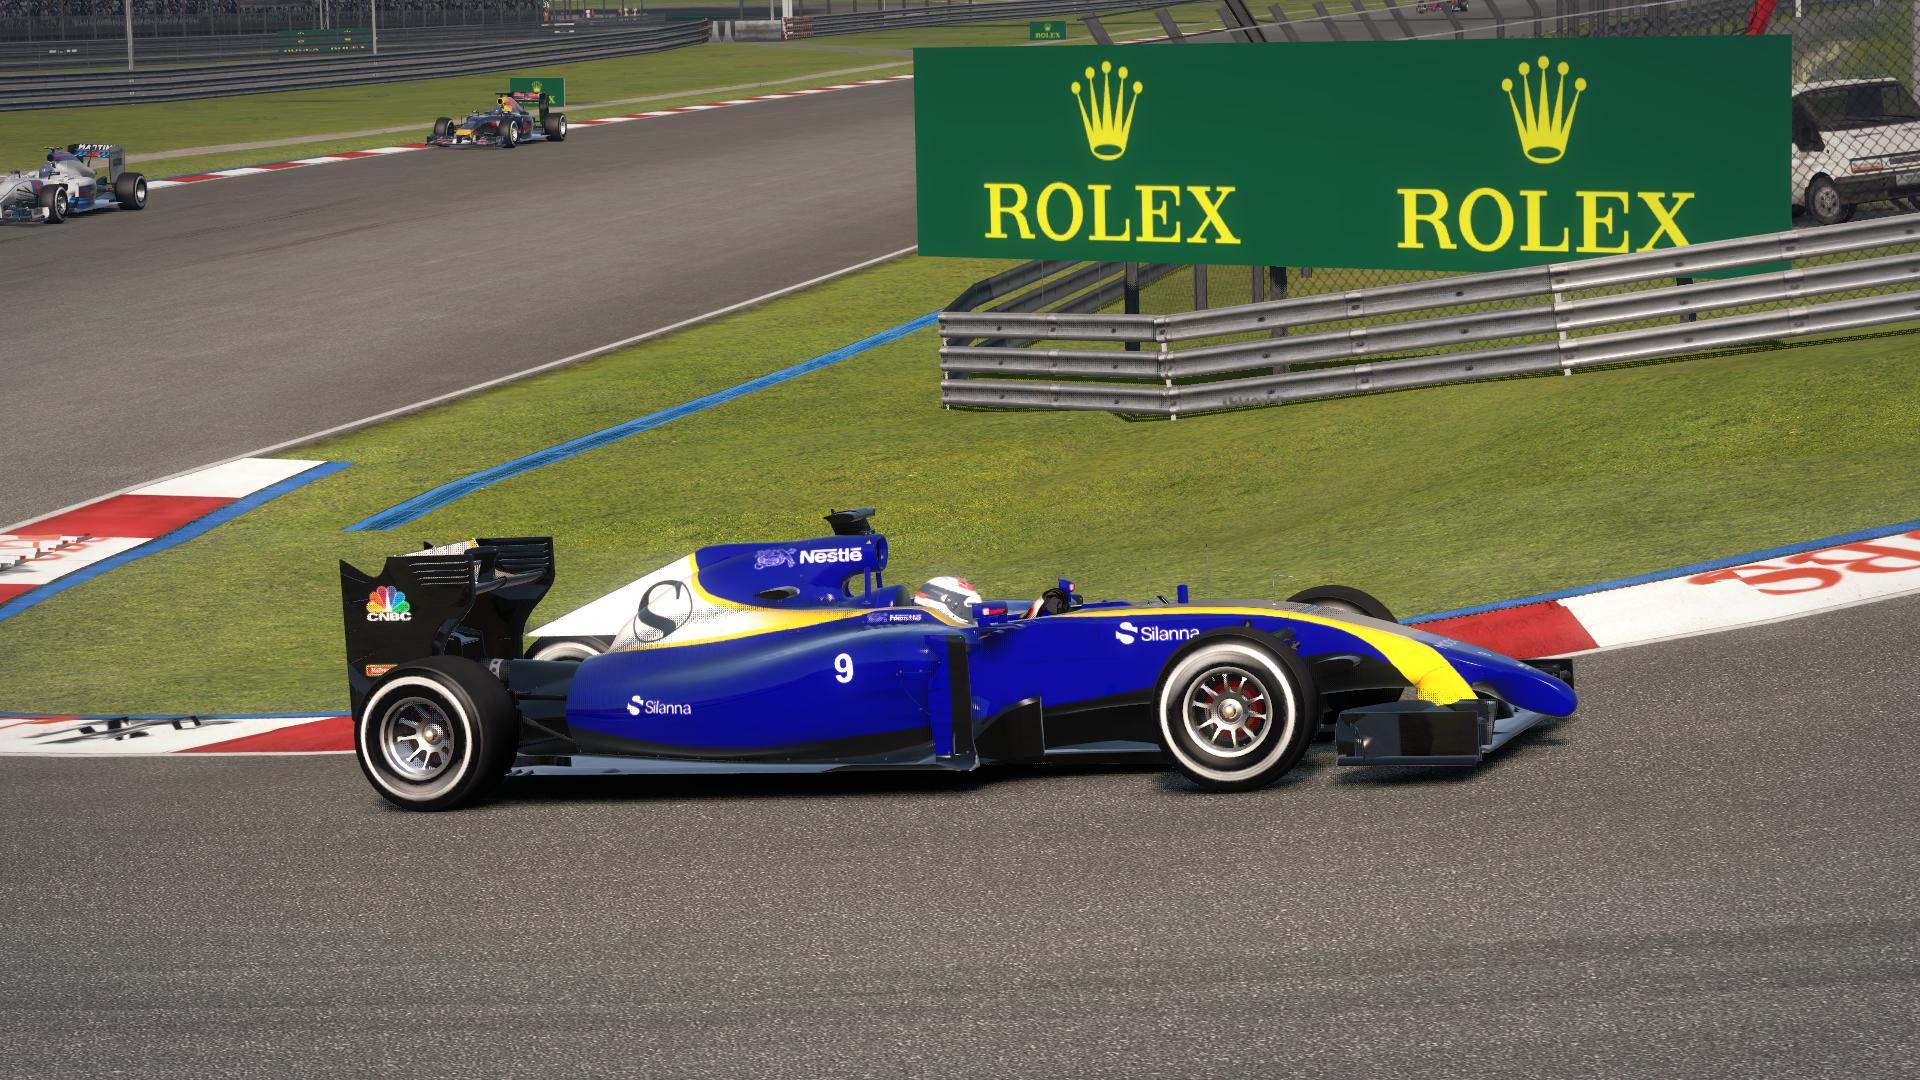 F1_2014 2017-03-18 16-04-00-21.jpg